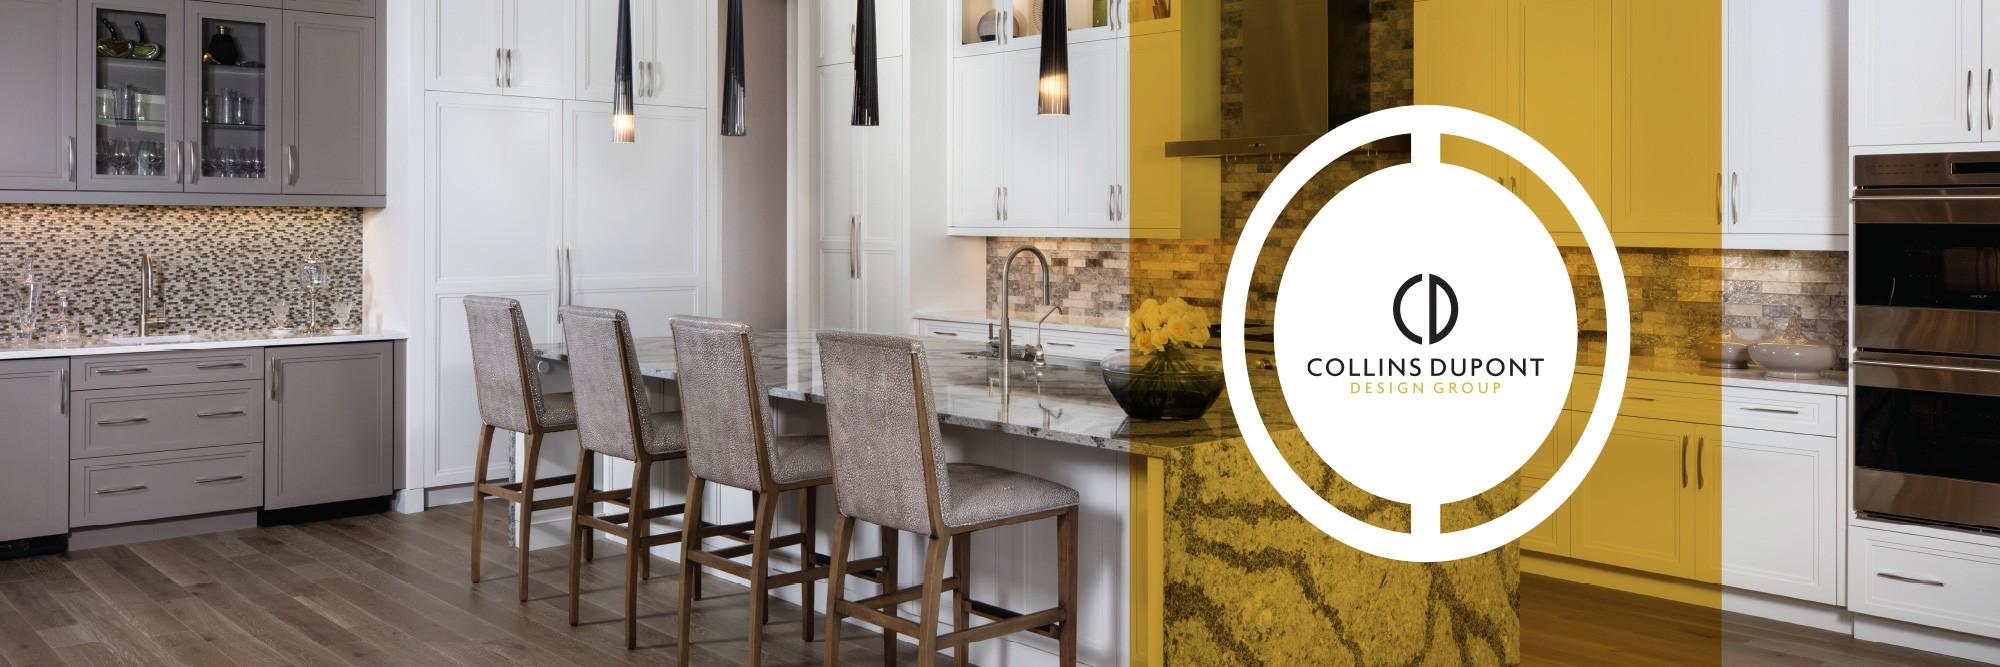 Collins & Dupont Design Group collins dupont design group | linkedin